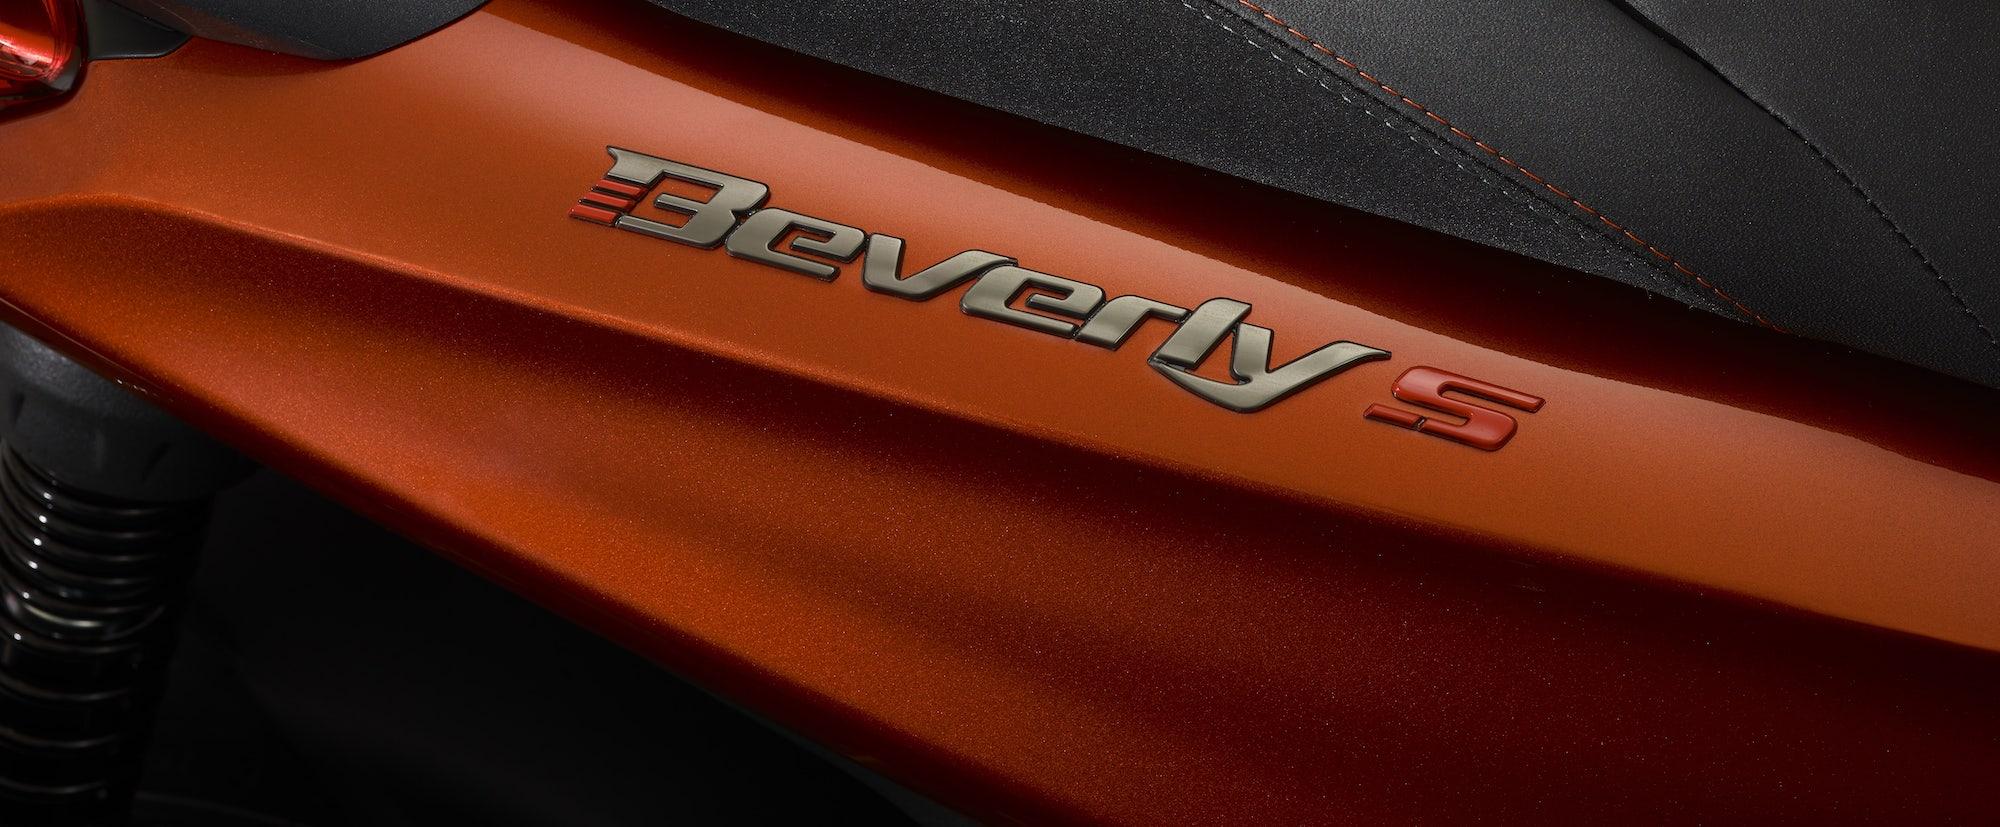 07 Piaggio Beverly 400 hpe S min